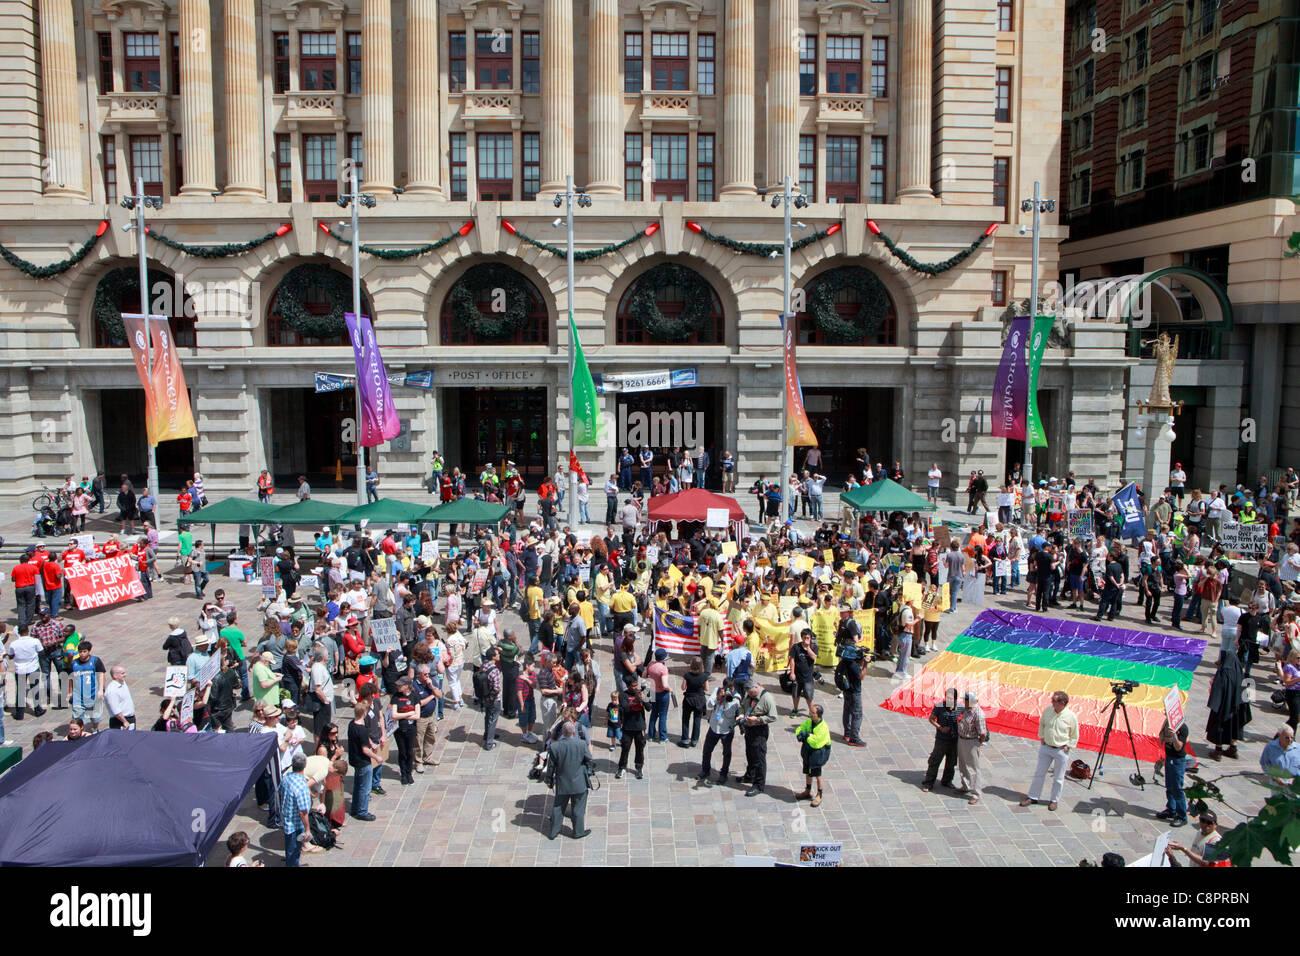 Occupare Perth protesta svoltasi a coincidere con l'inizio del CHOGM 2011. Perth, Western Australia. Immagini Stock